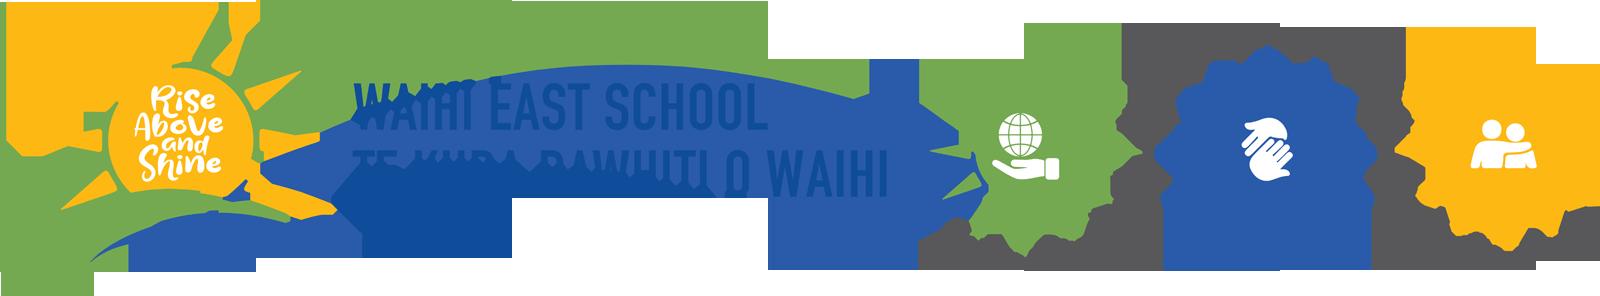 Waihi East School